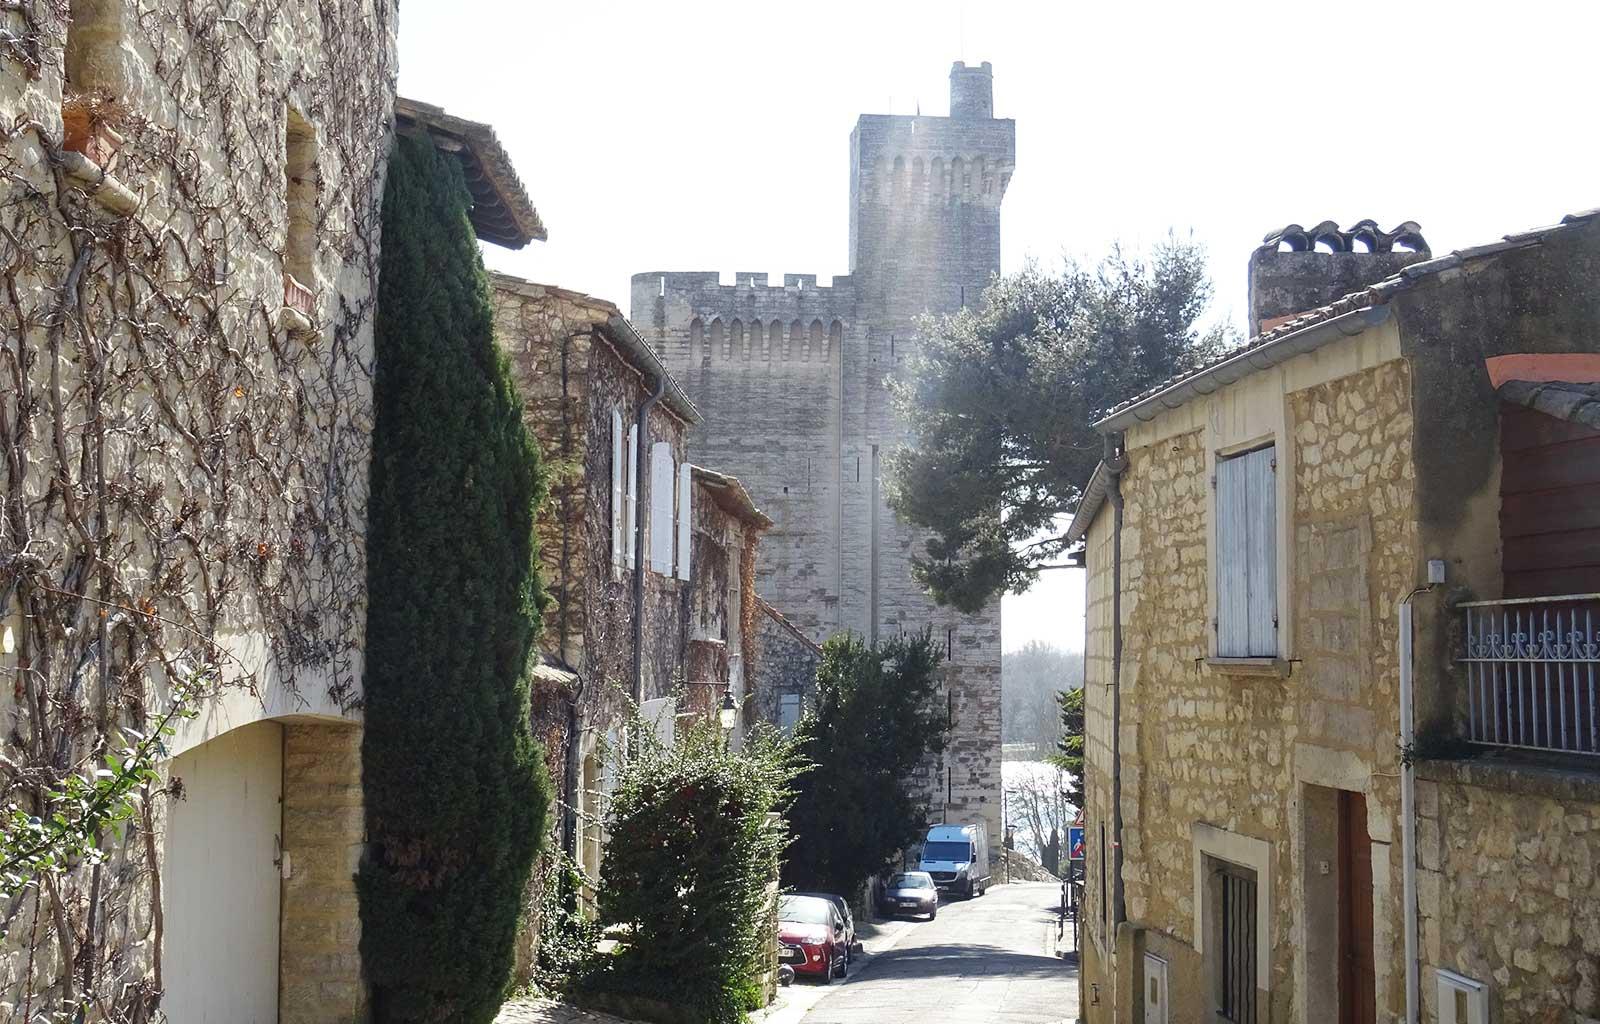 Villeneuve-lès-avignon tour philippe le bel